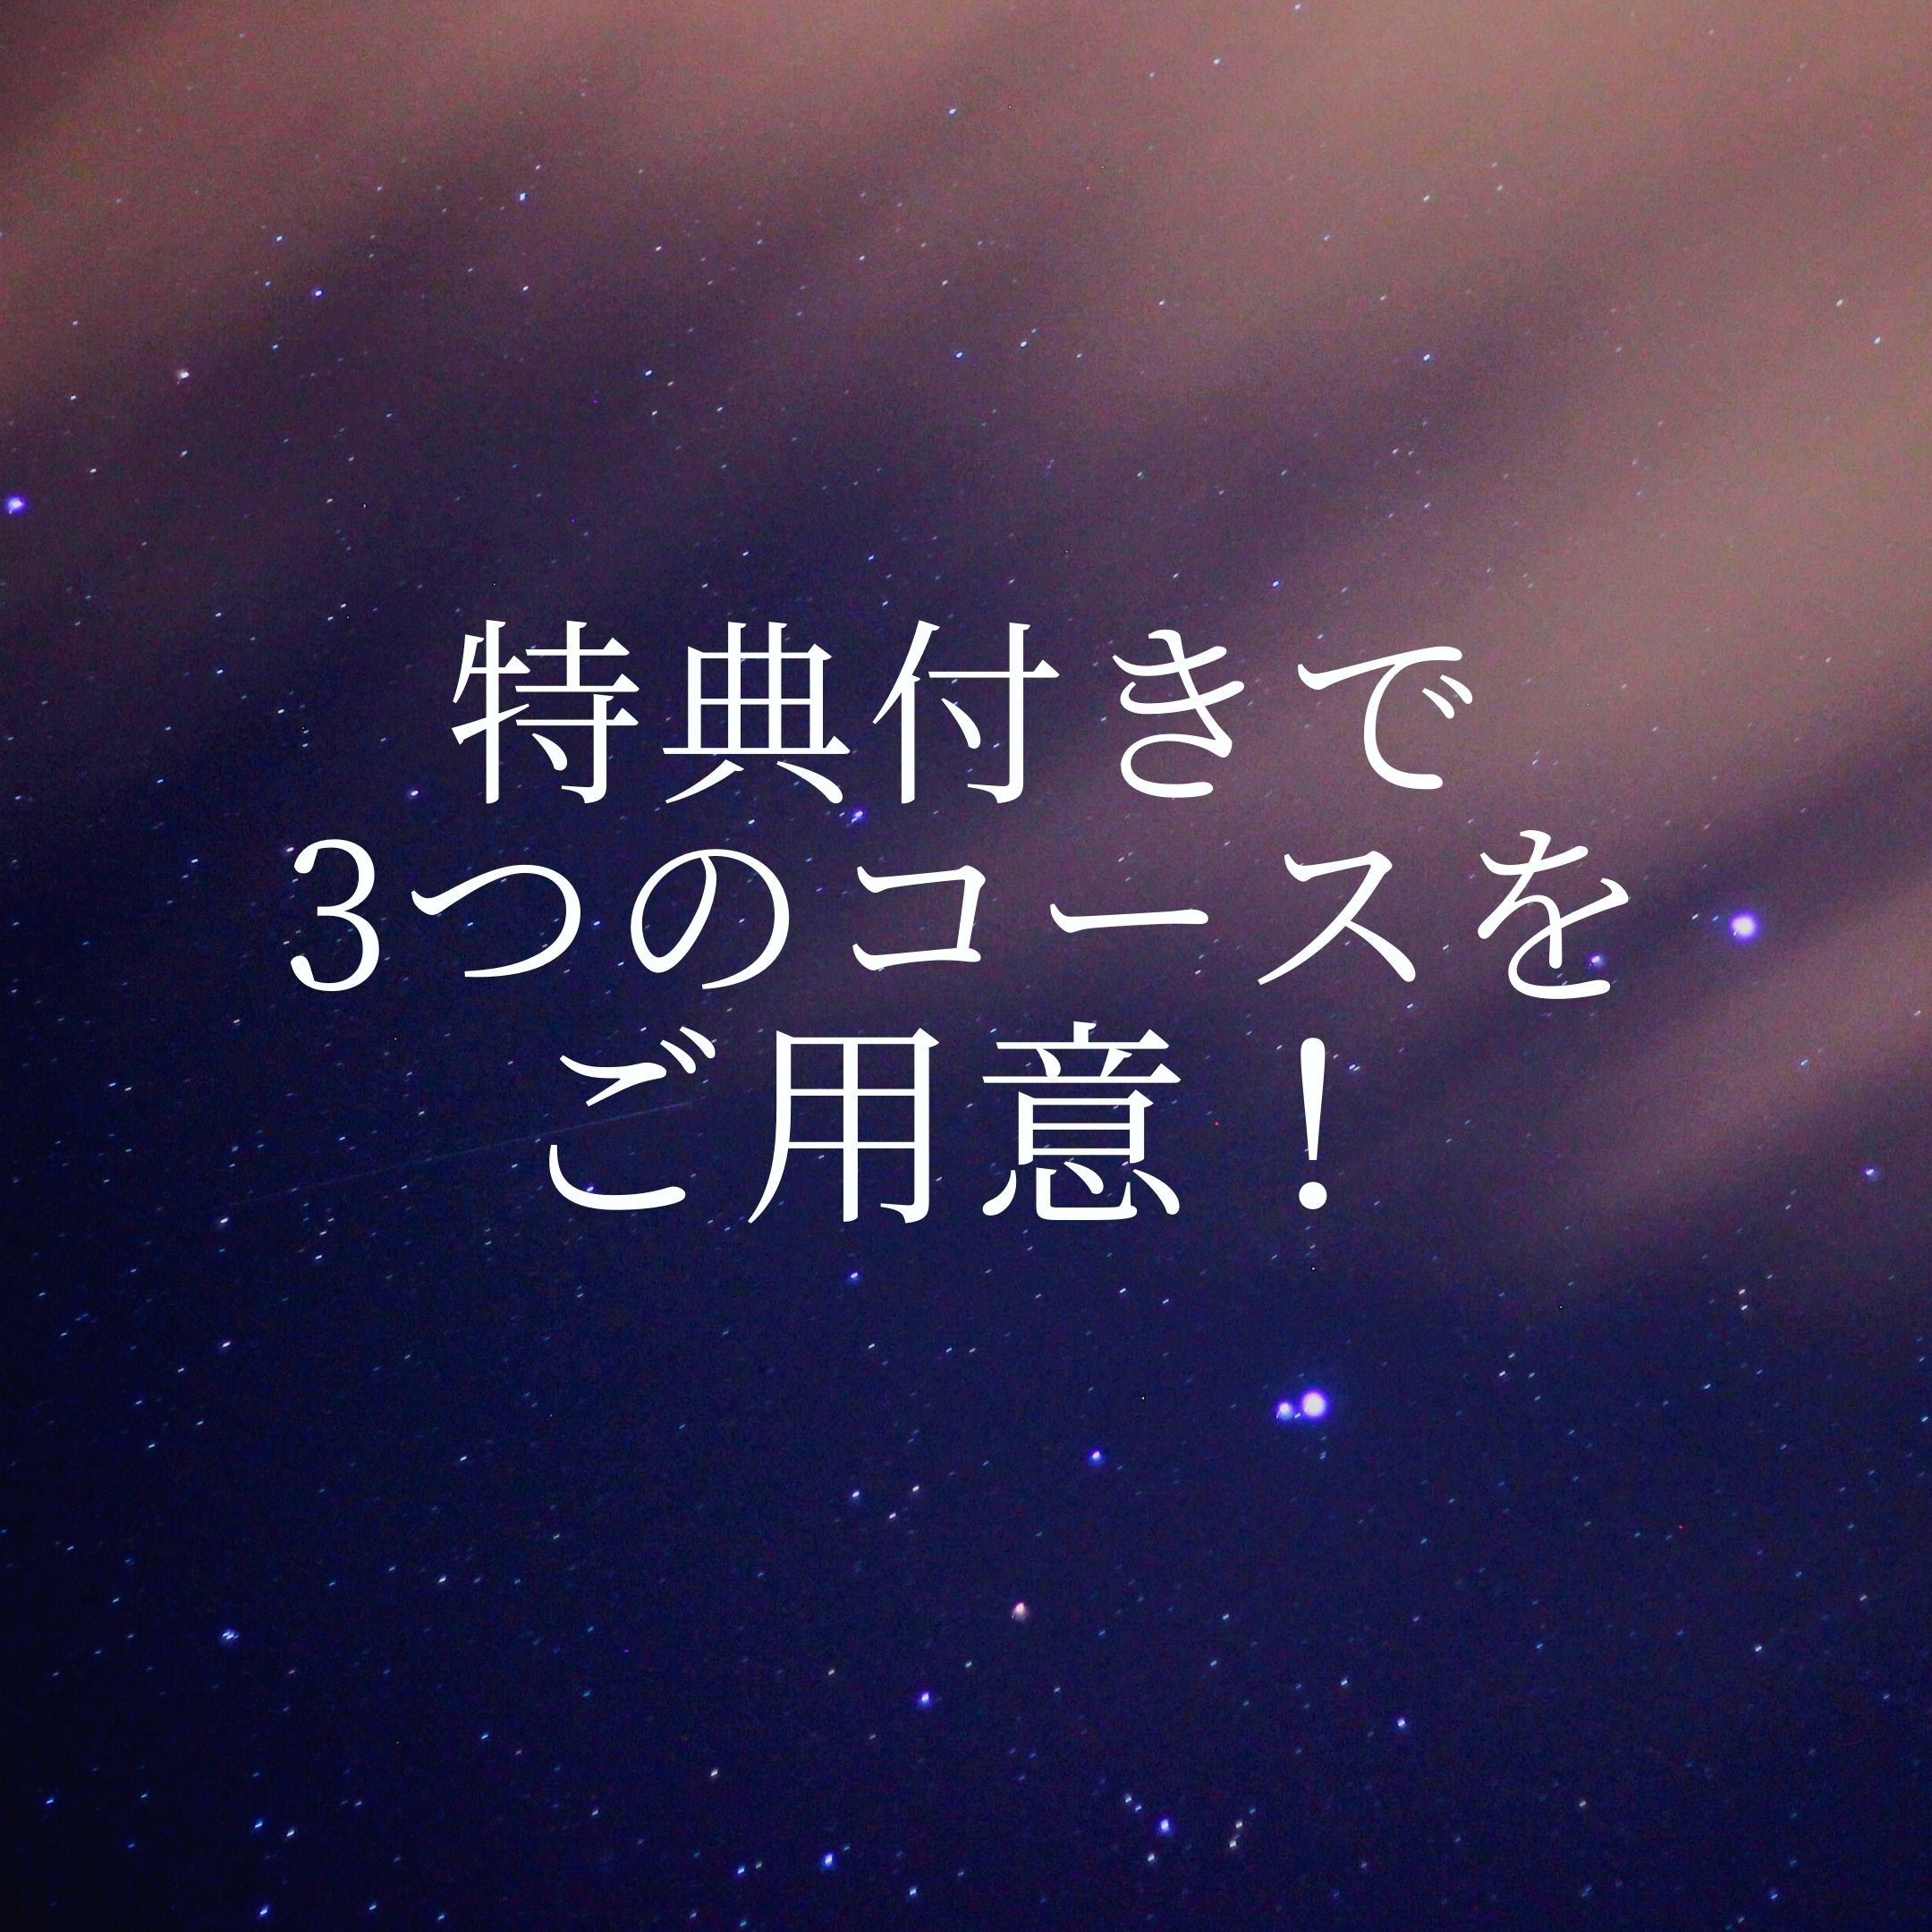 【コースA】〜高次元からあなただけに届く〜チャネリングメッセージのイメージその4